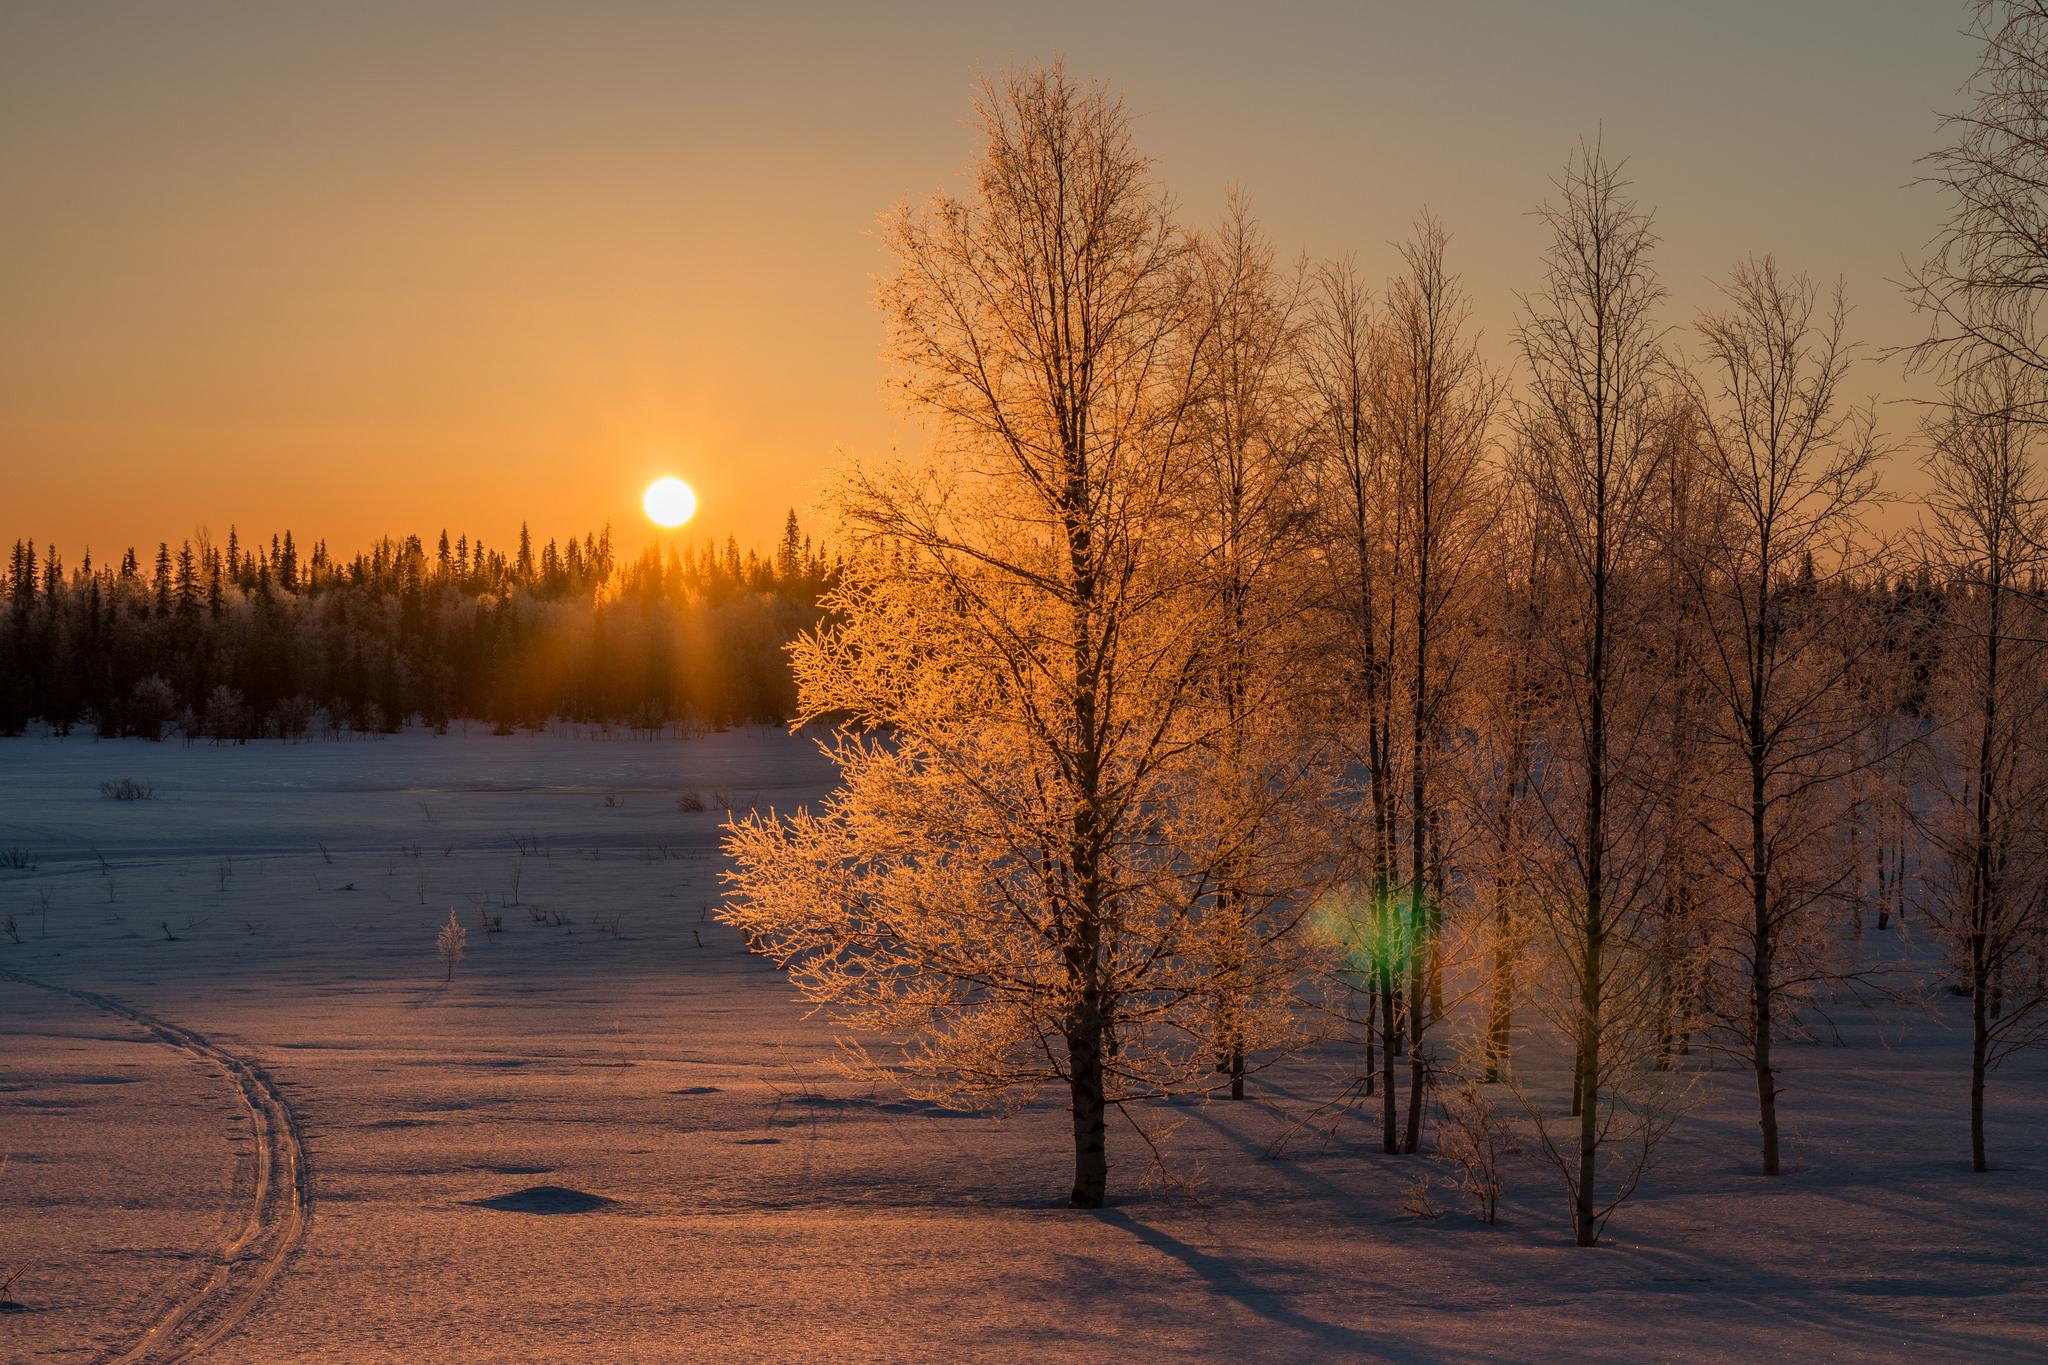 Sněhová pokrývka se drží většinu roku, Markus Trienke